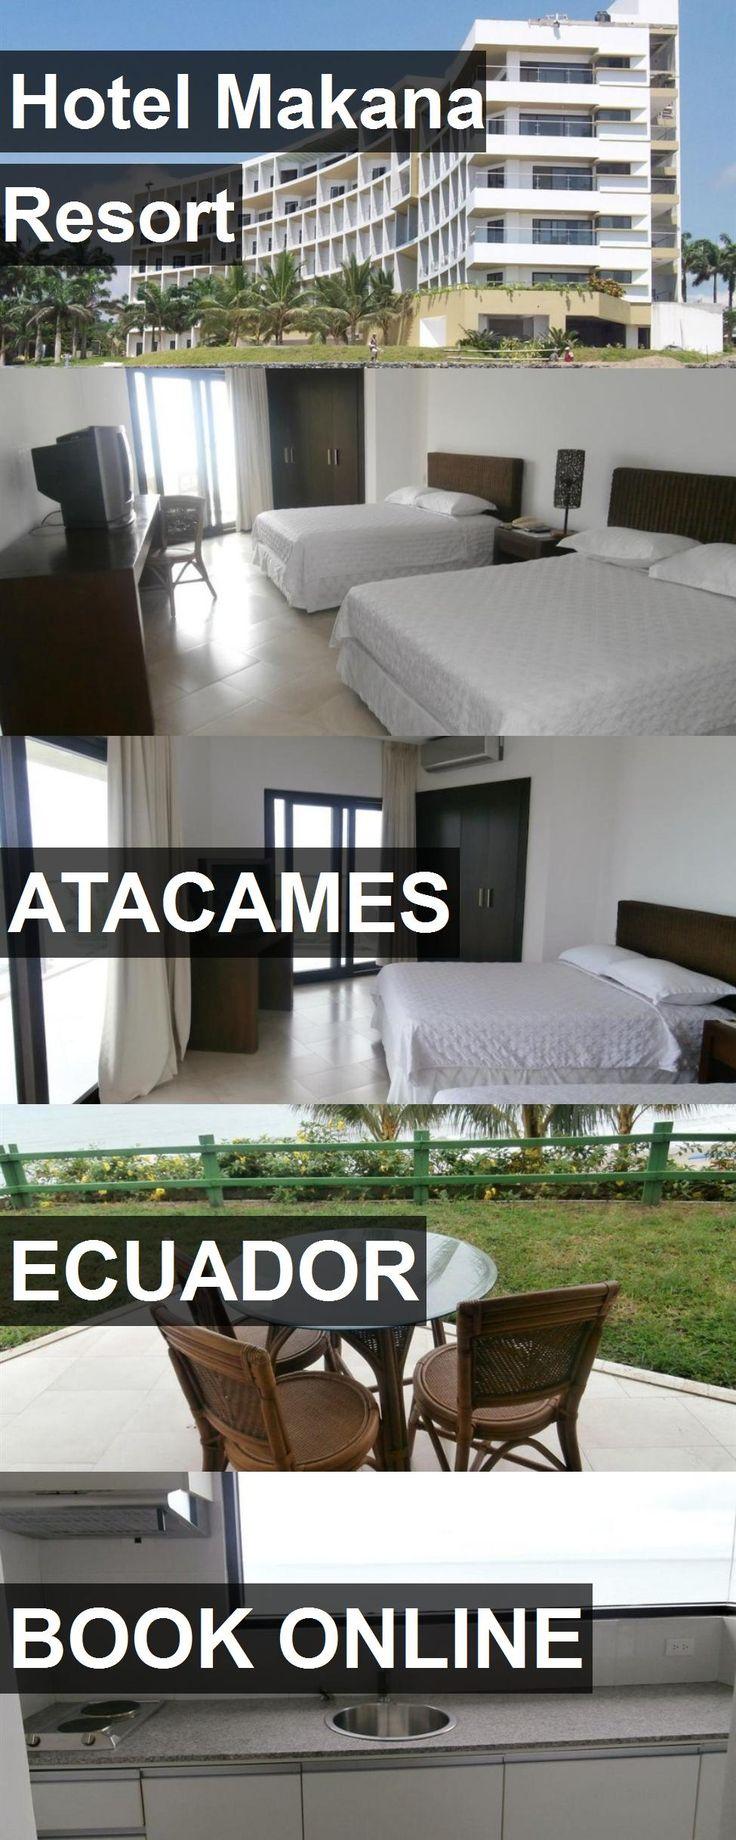 Hotel Makana Resort in Atacames, Ecuador. For more information, photos, reviews and best prices please follow the link. #Ecuador #Atacames #travel #vacation #hotel